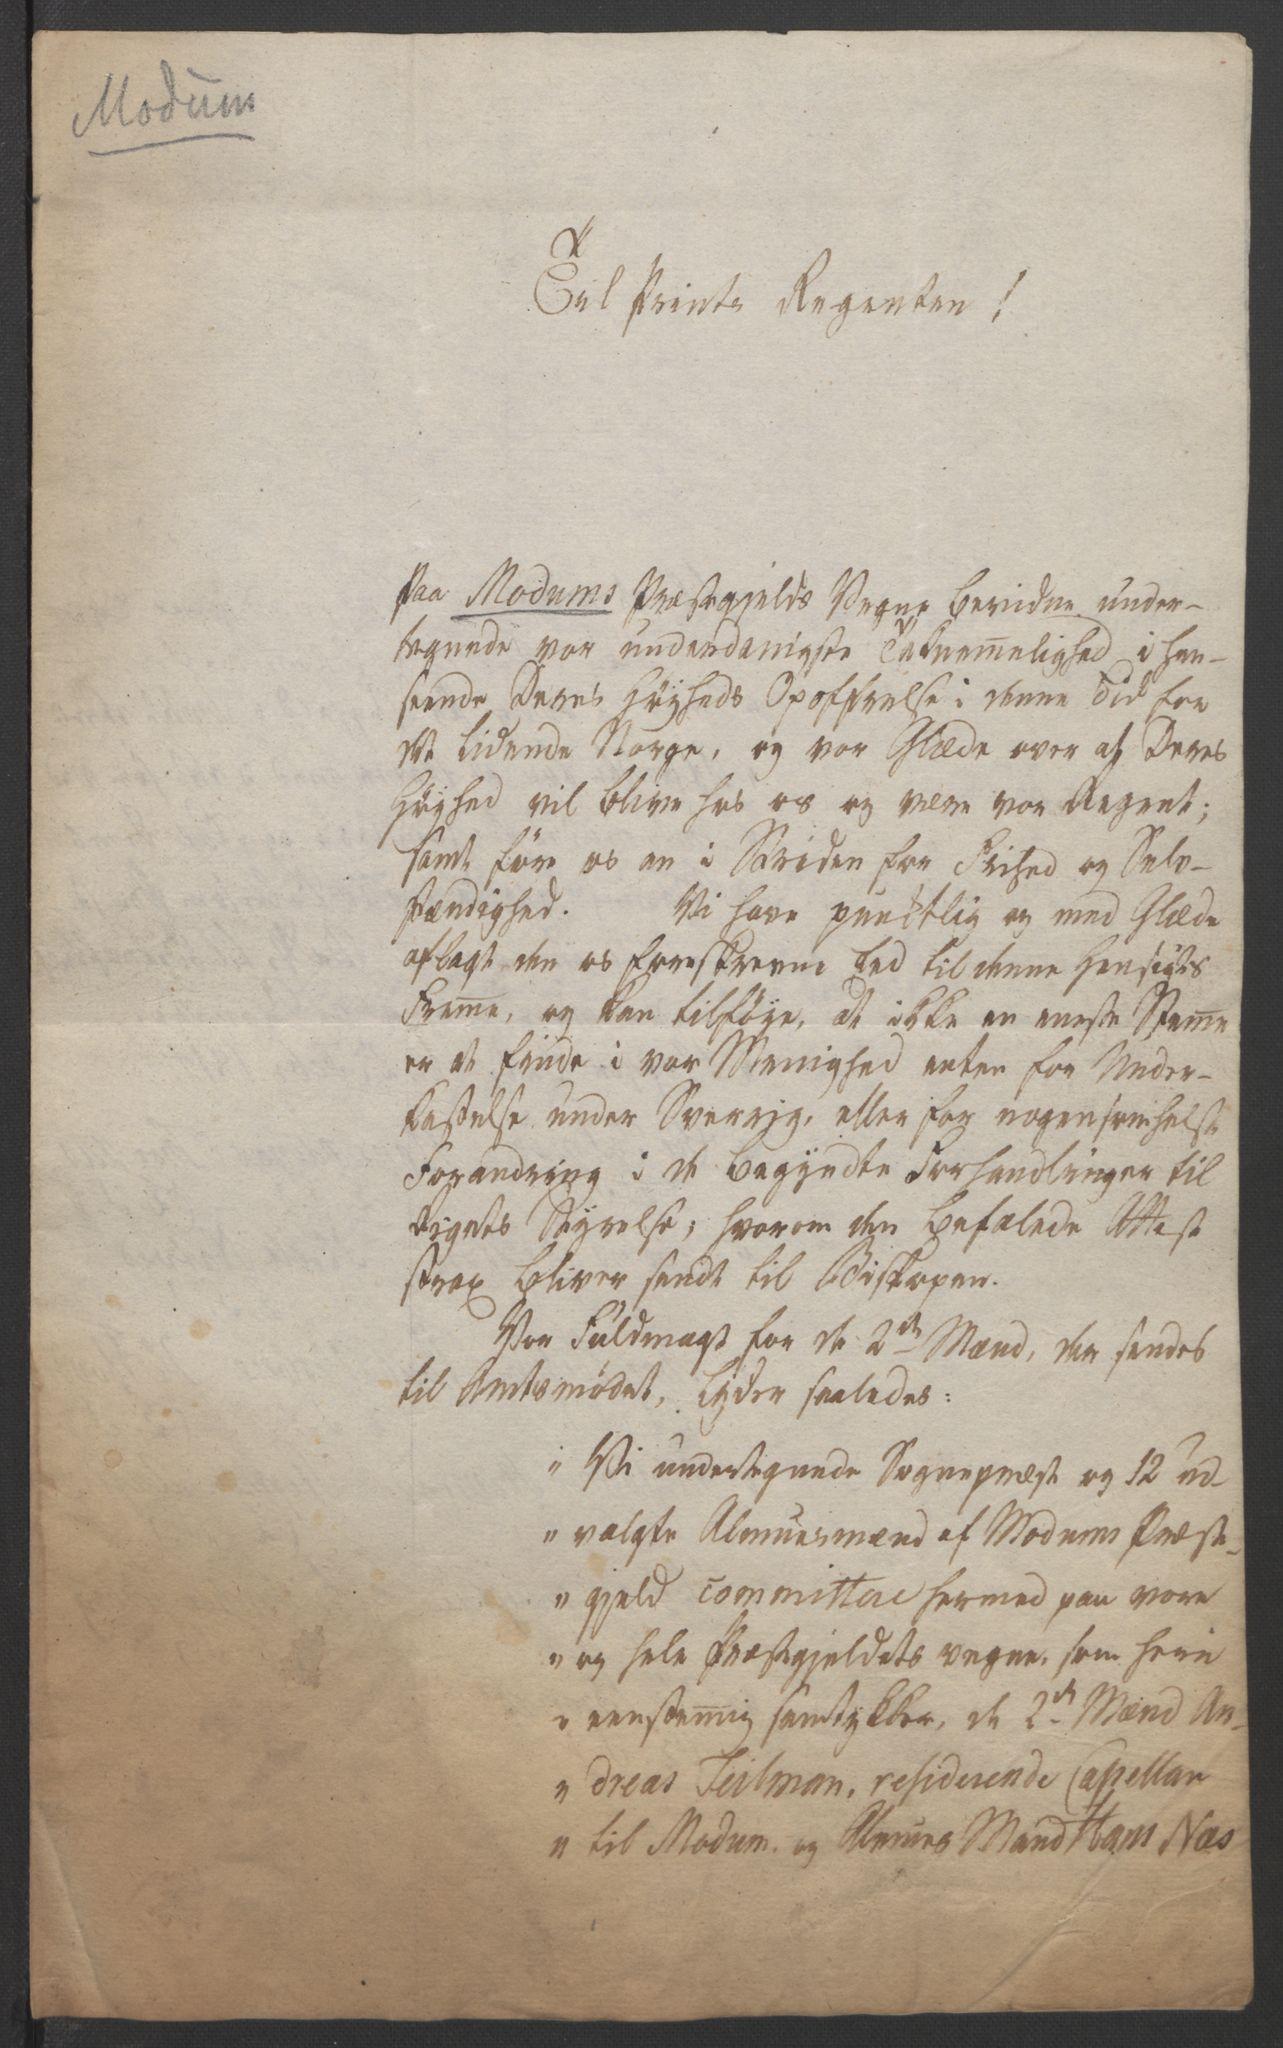 RA, Statsrådssekretariatet, D/Db/L0007: Fullmakter for Eidsvollsrepresentantene i 1814. , 1814, s. 324